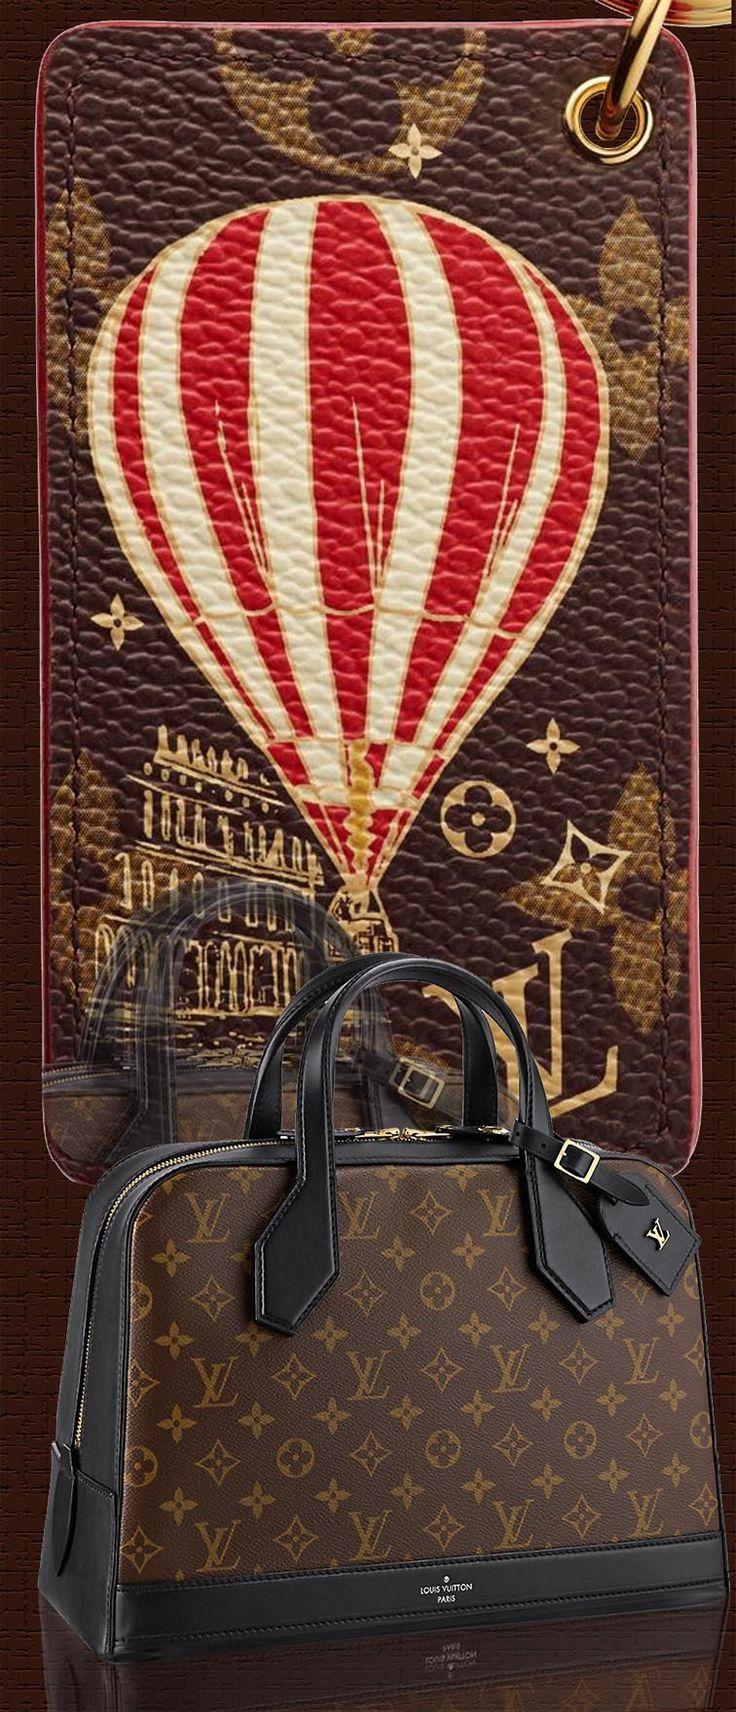 """anbenna: """"LV """"Dora"""" """" Louis Vuitton Lover pinterest.com/#Luxurydotcom"""